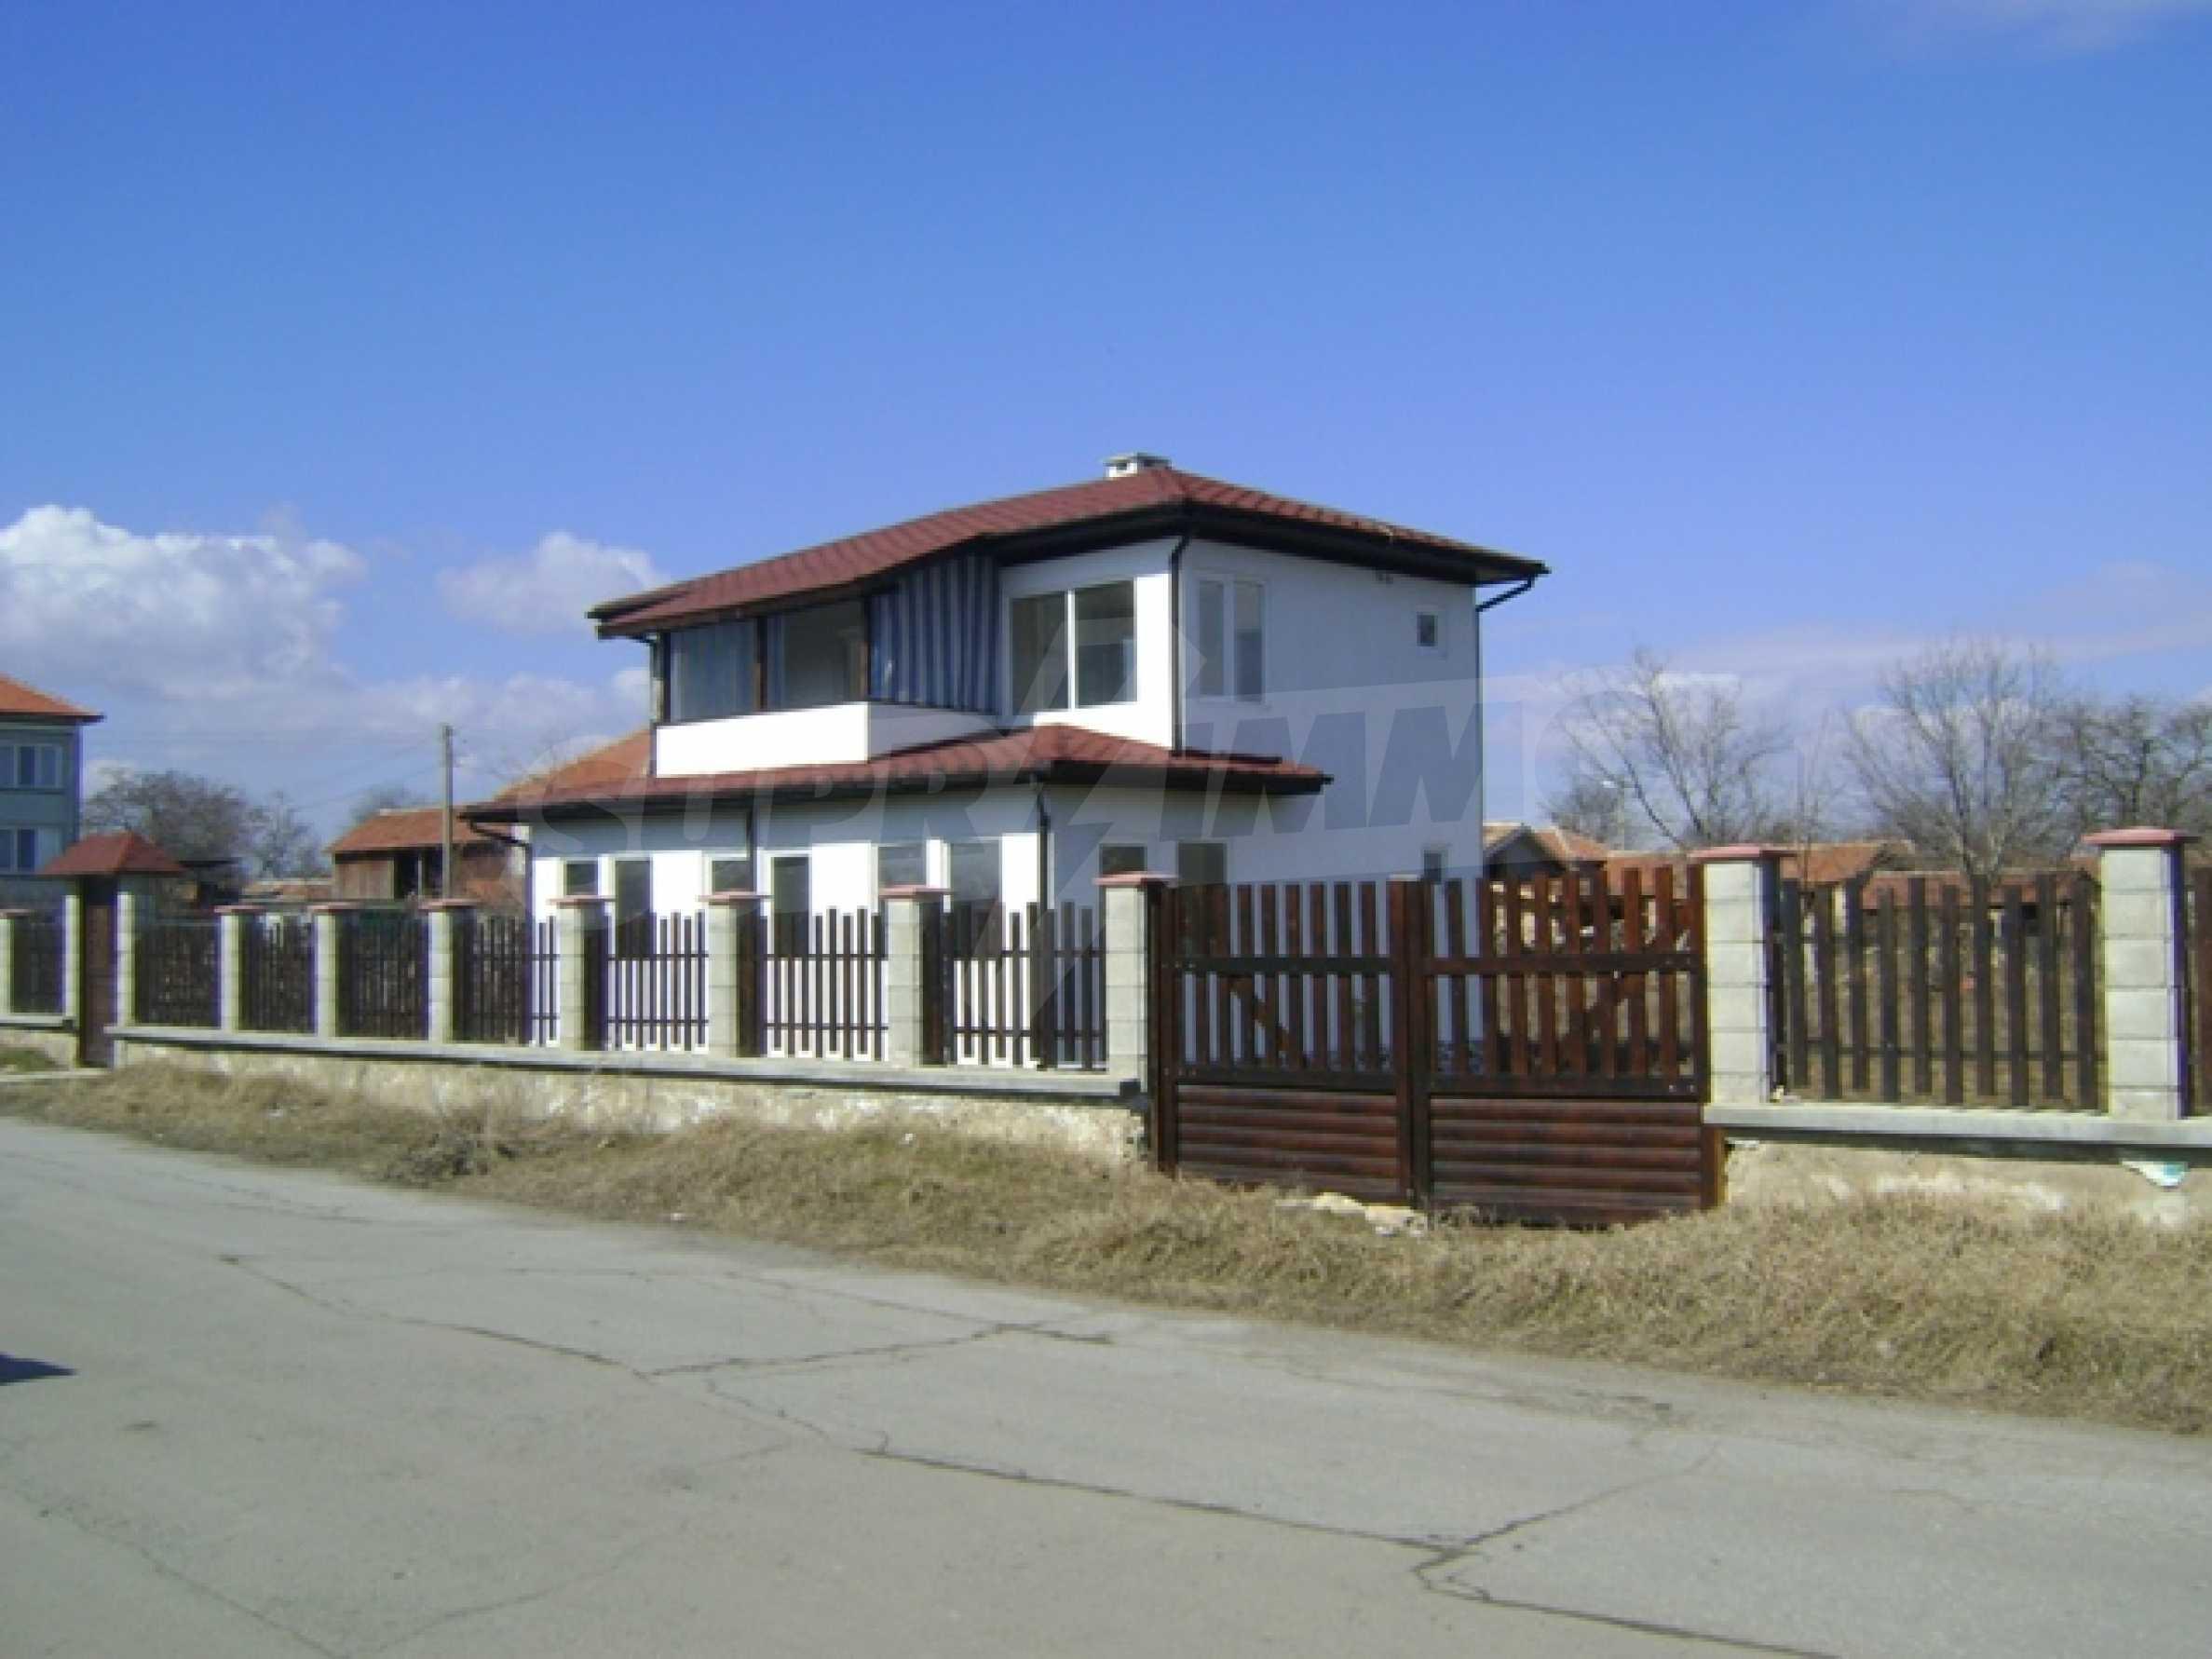 Neues Haus im Dorf Vetrino 1